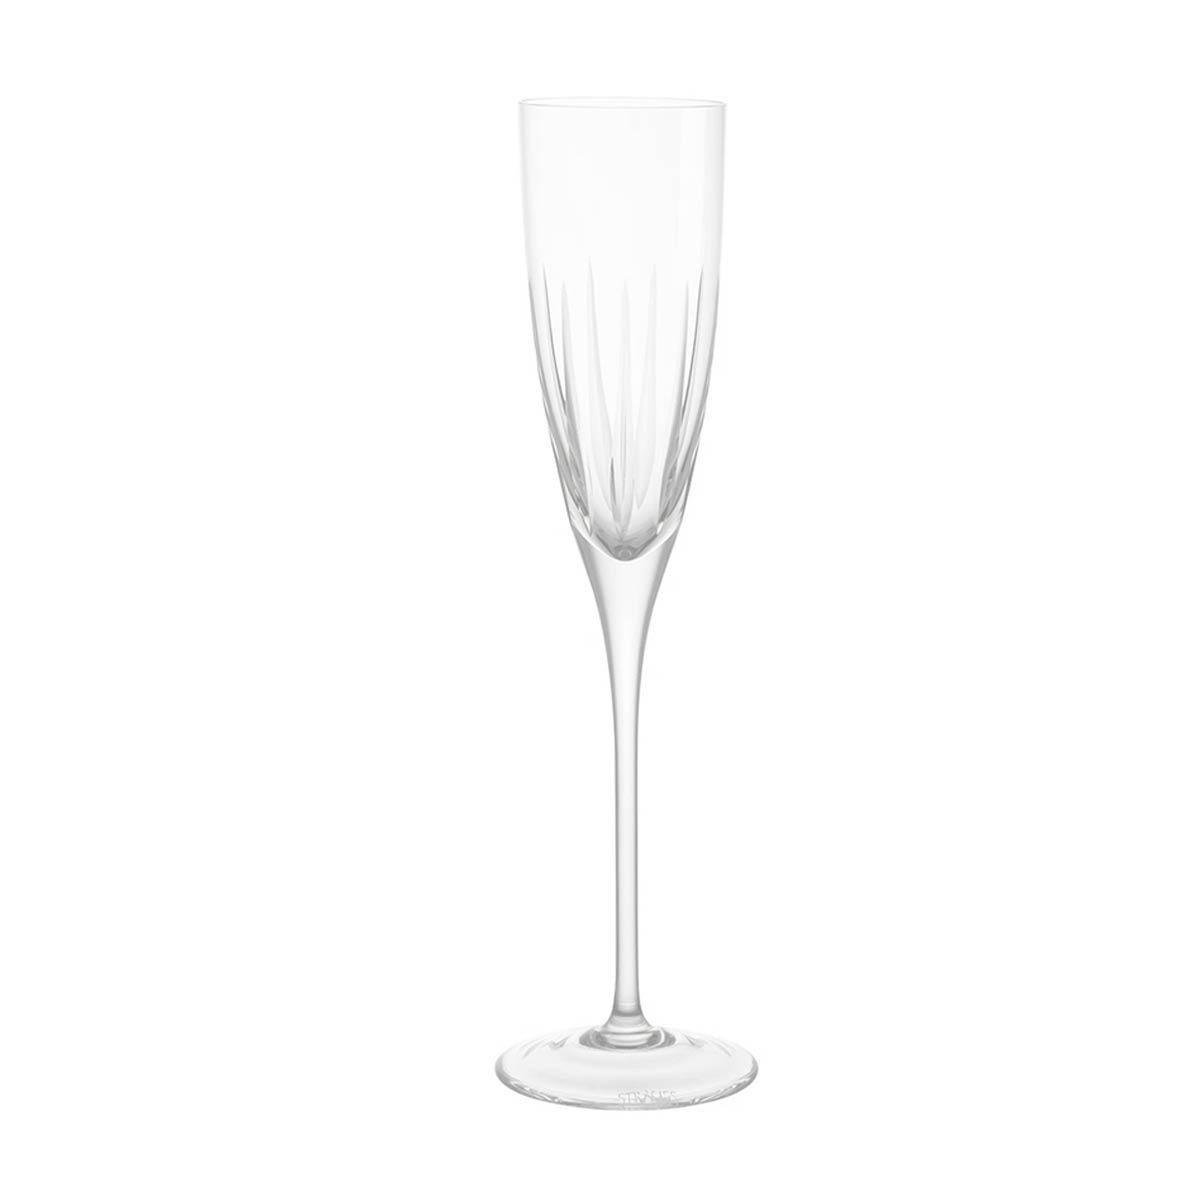 Taça para Espumante de Cristal BTC 200 ml  - Lemis